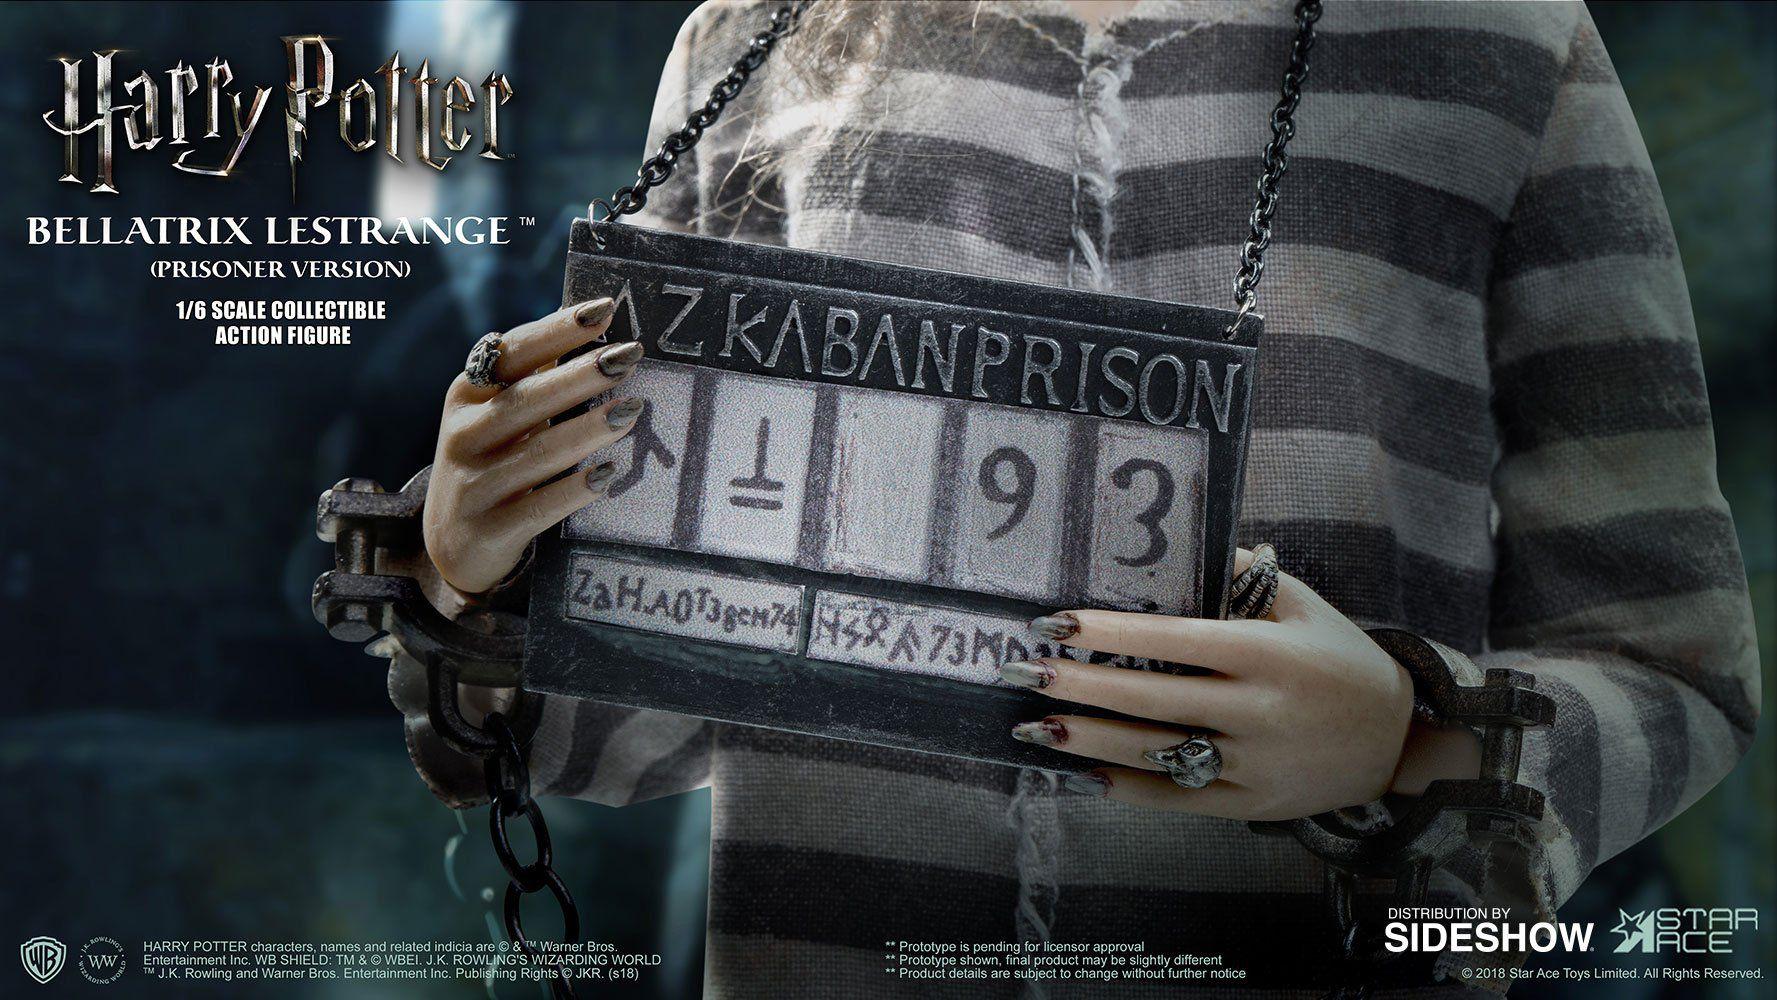 PRÉ VENDA: Boneco Bellatrix Lestrange (Versão Prisioneira): Harry Potter e a Ordem da Fênix (Order of the Phoenix) Escala 1/6 - Star Ace